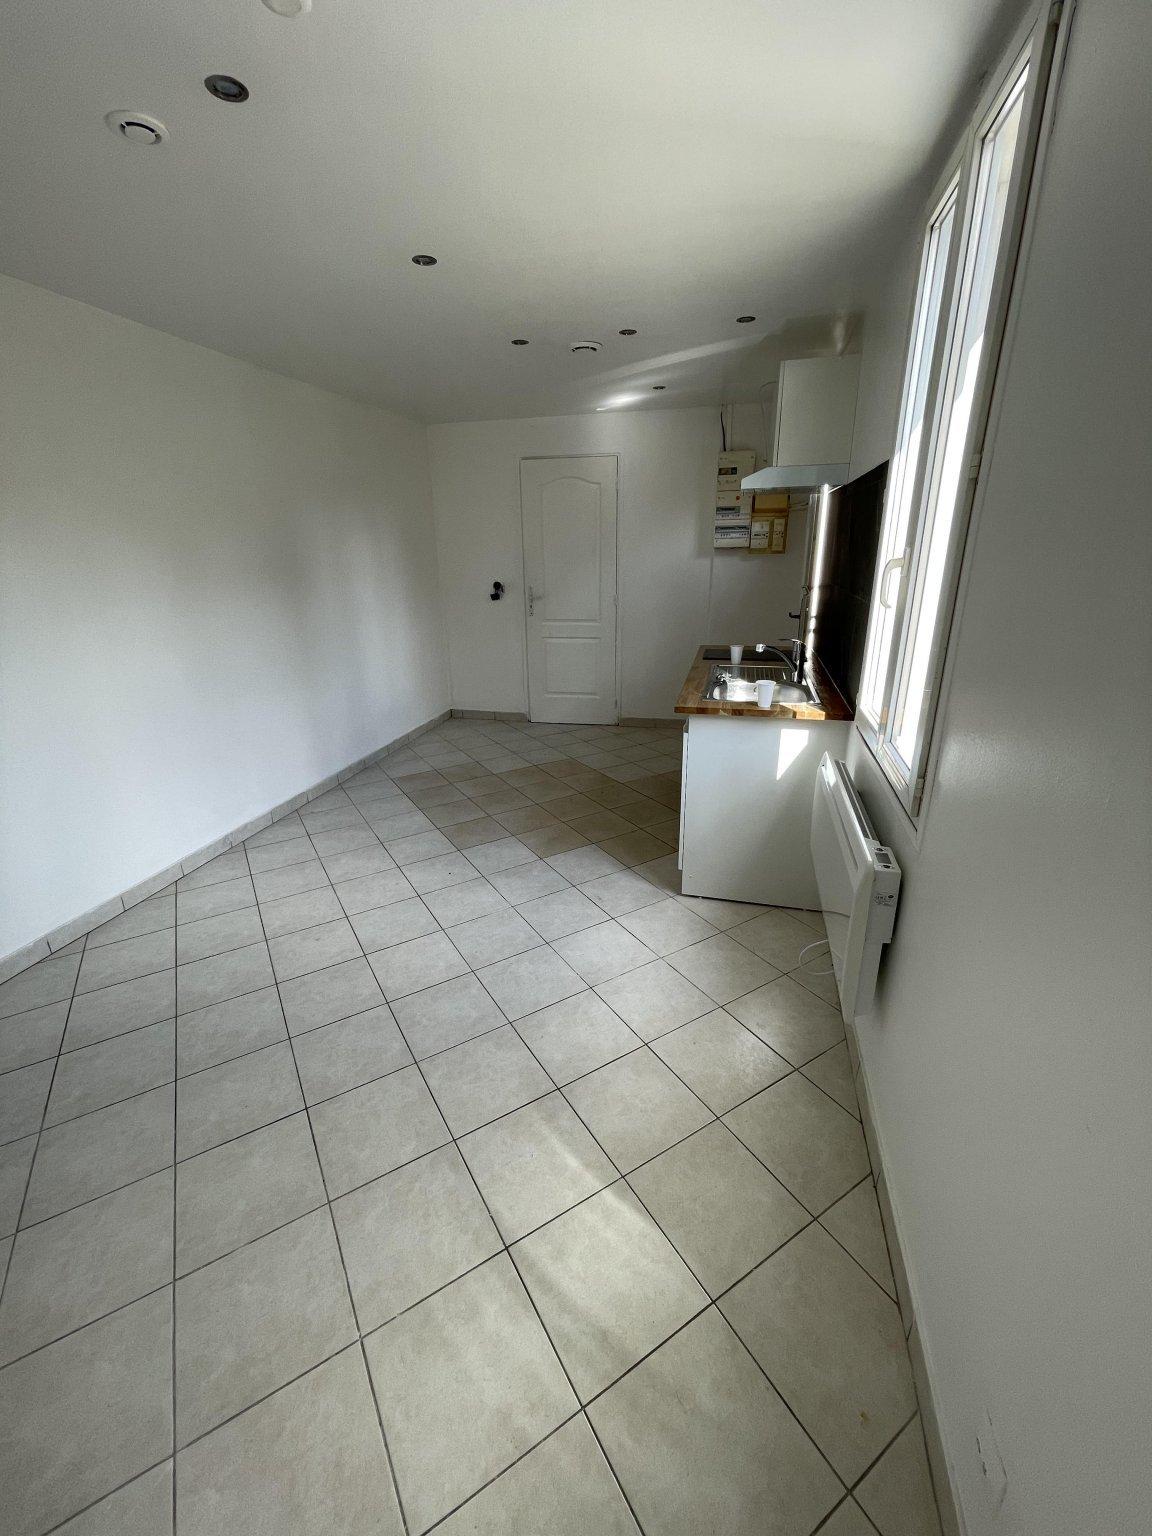 Maison a louer houilles - 1 pièce(s) - 25.5 m2 - Surfyn